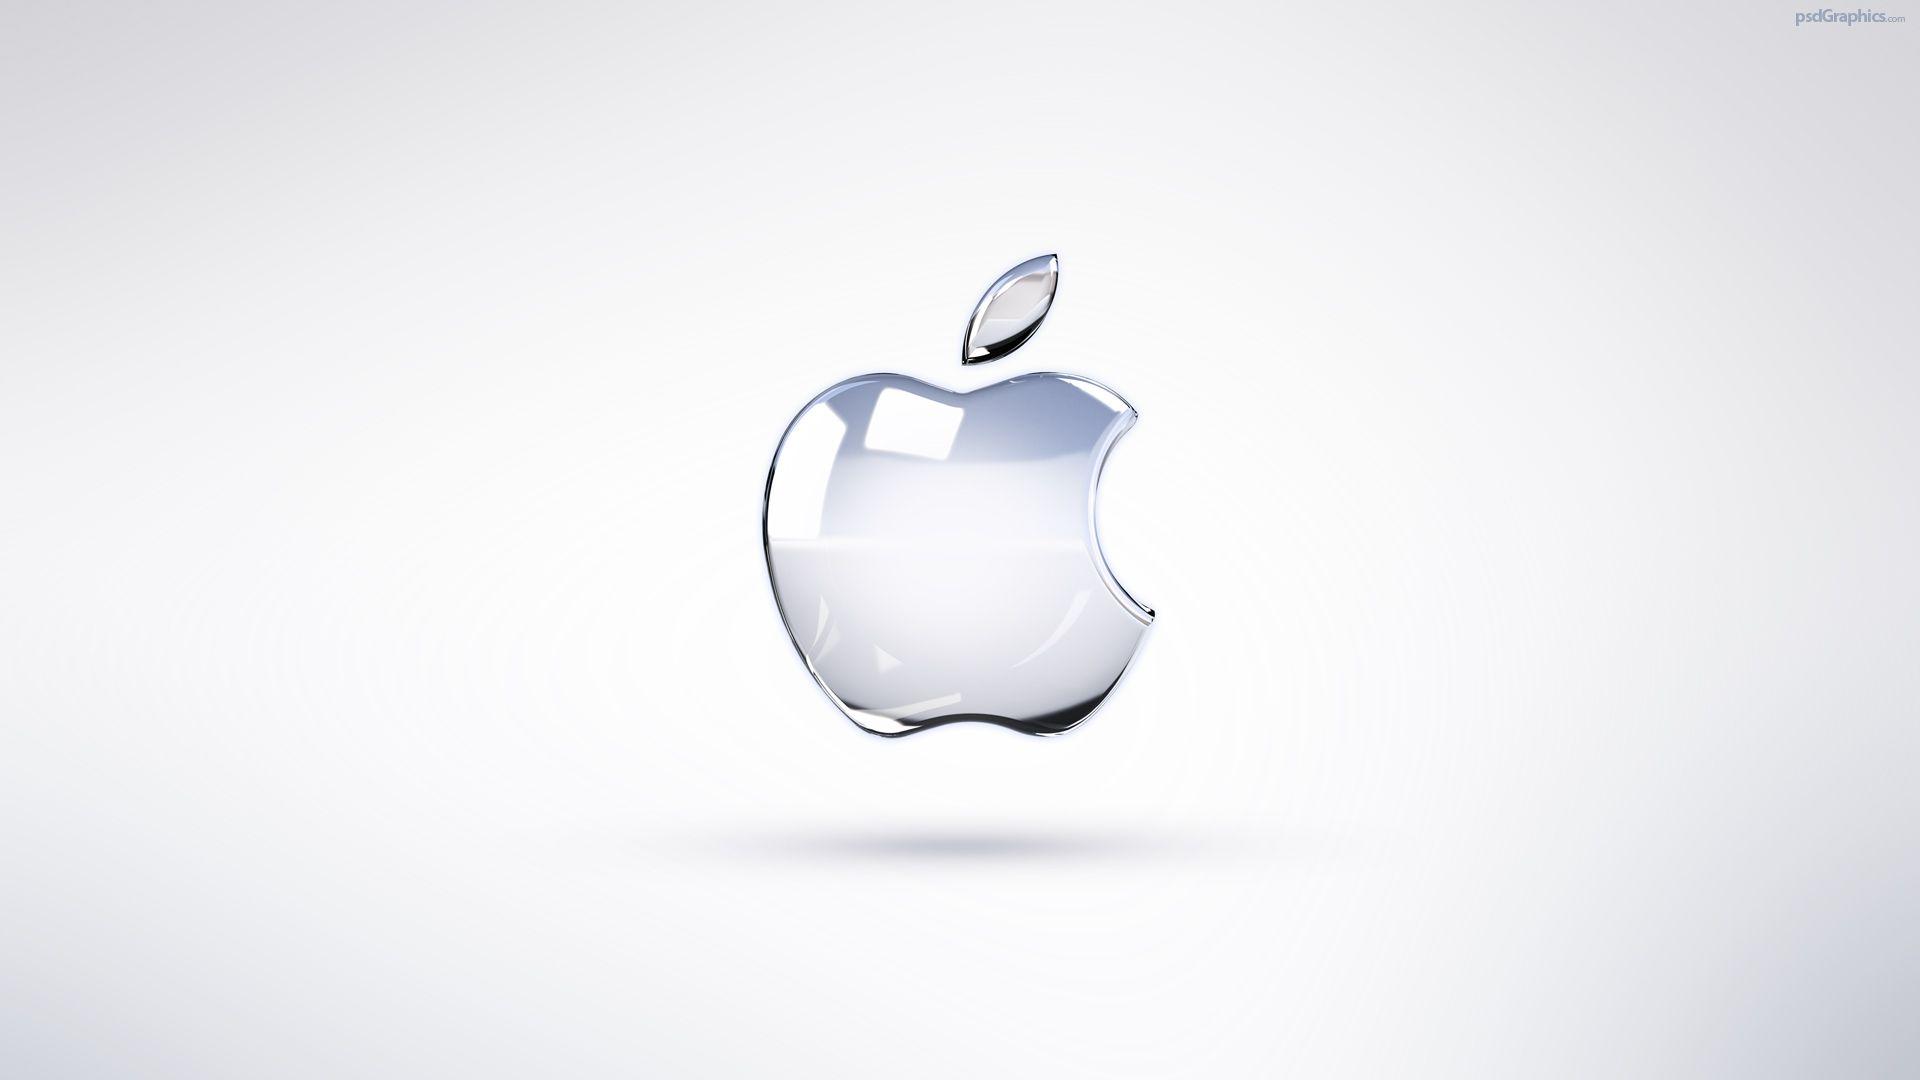 تعداد-بازی-های-سرویس-Apple-Arcade